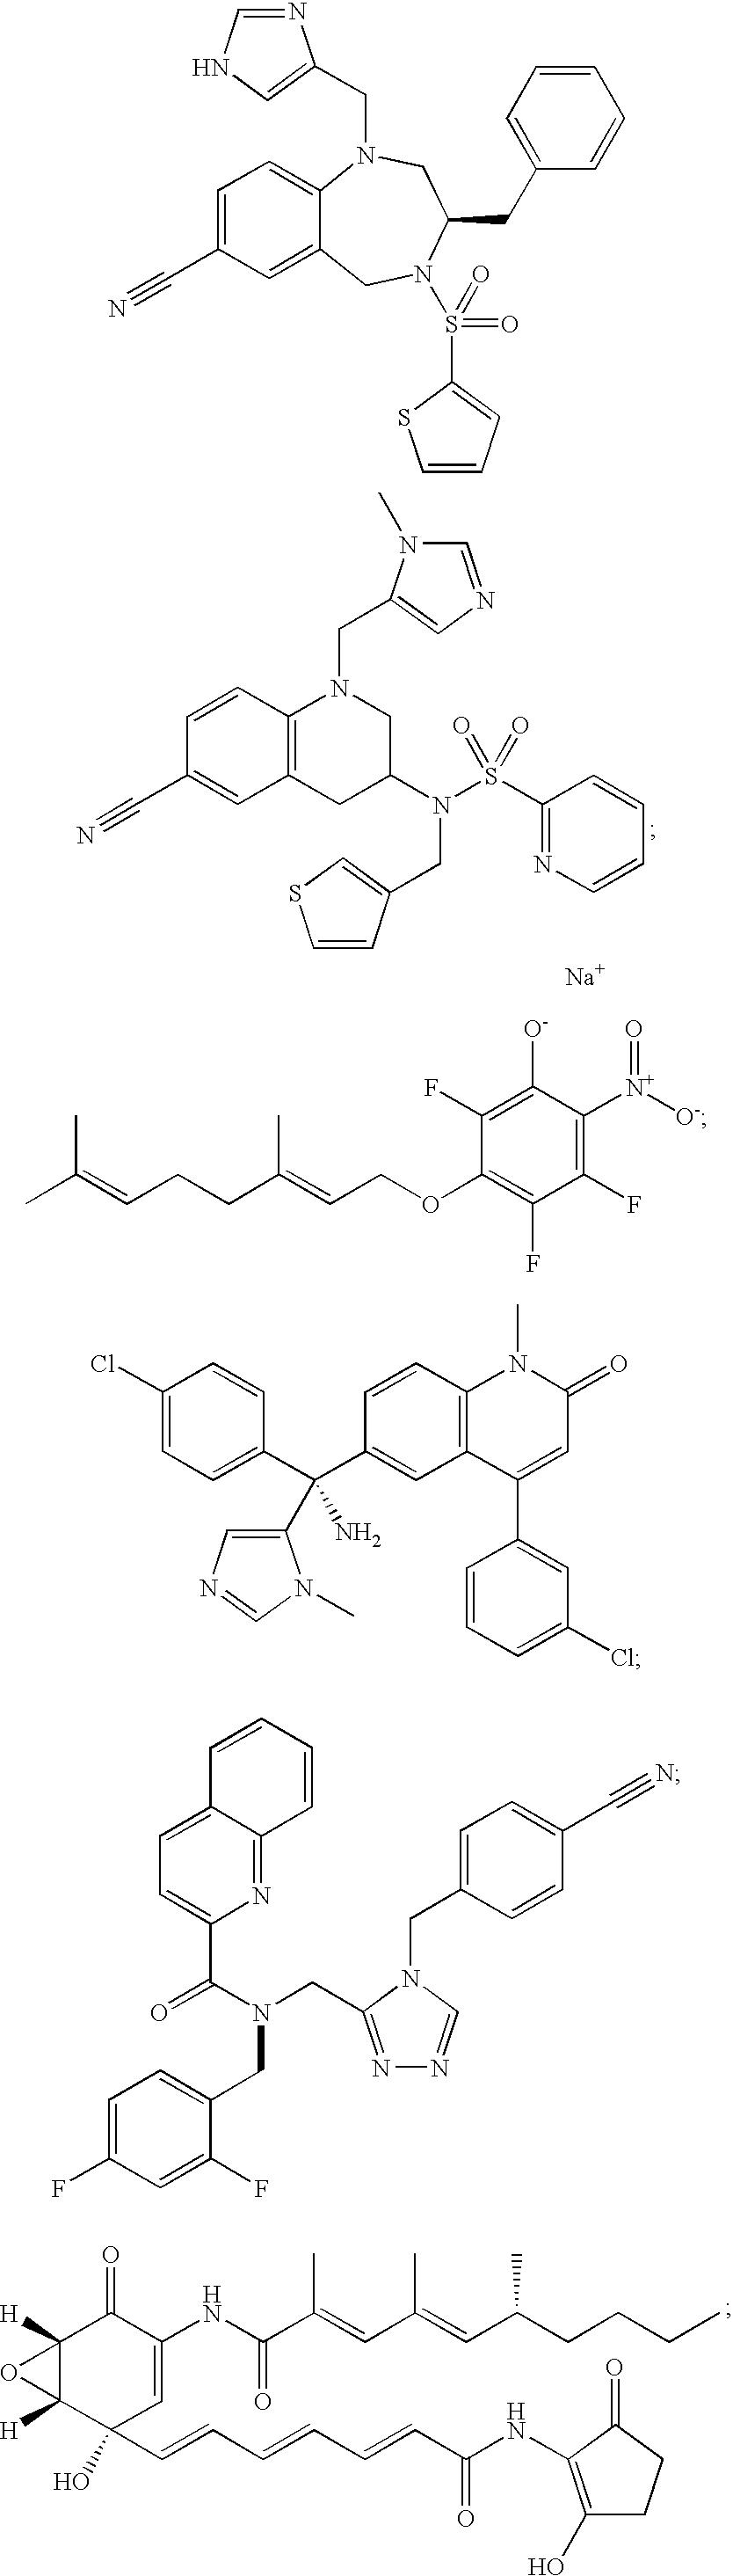 Figure US20080090242A1-20080417-C00131